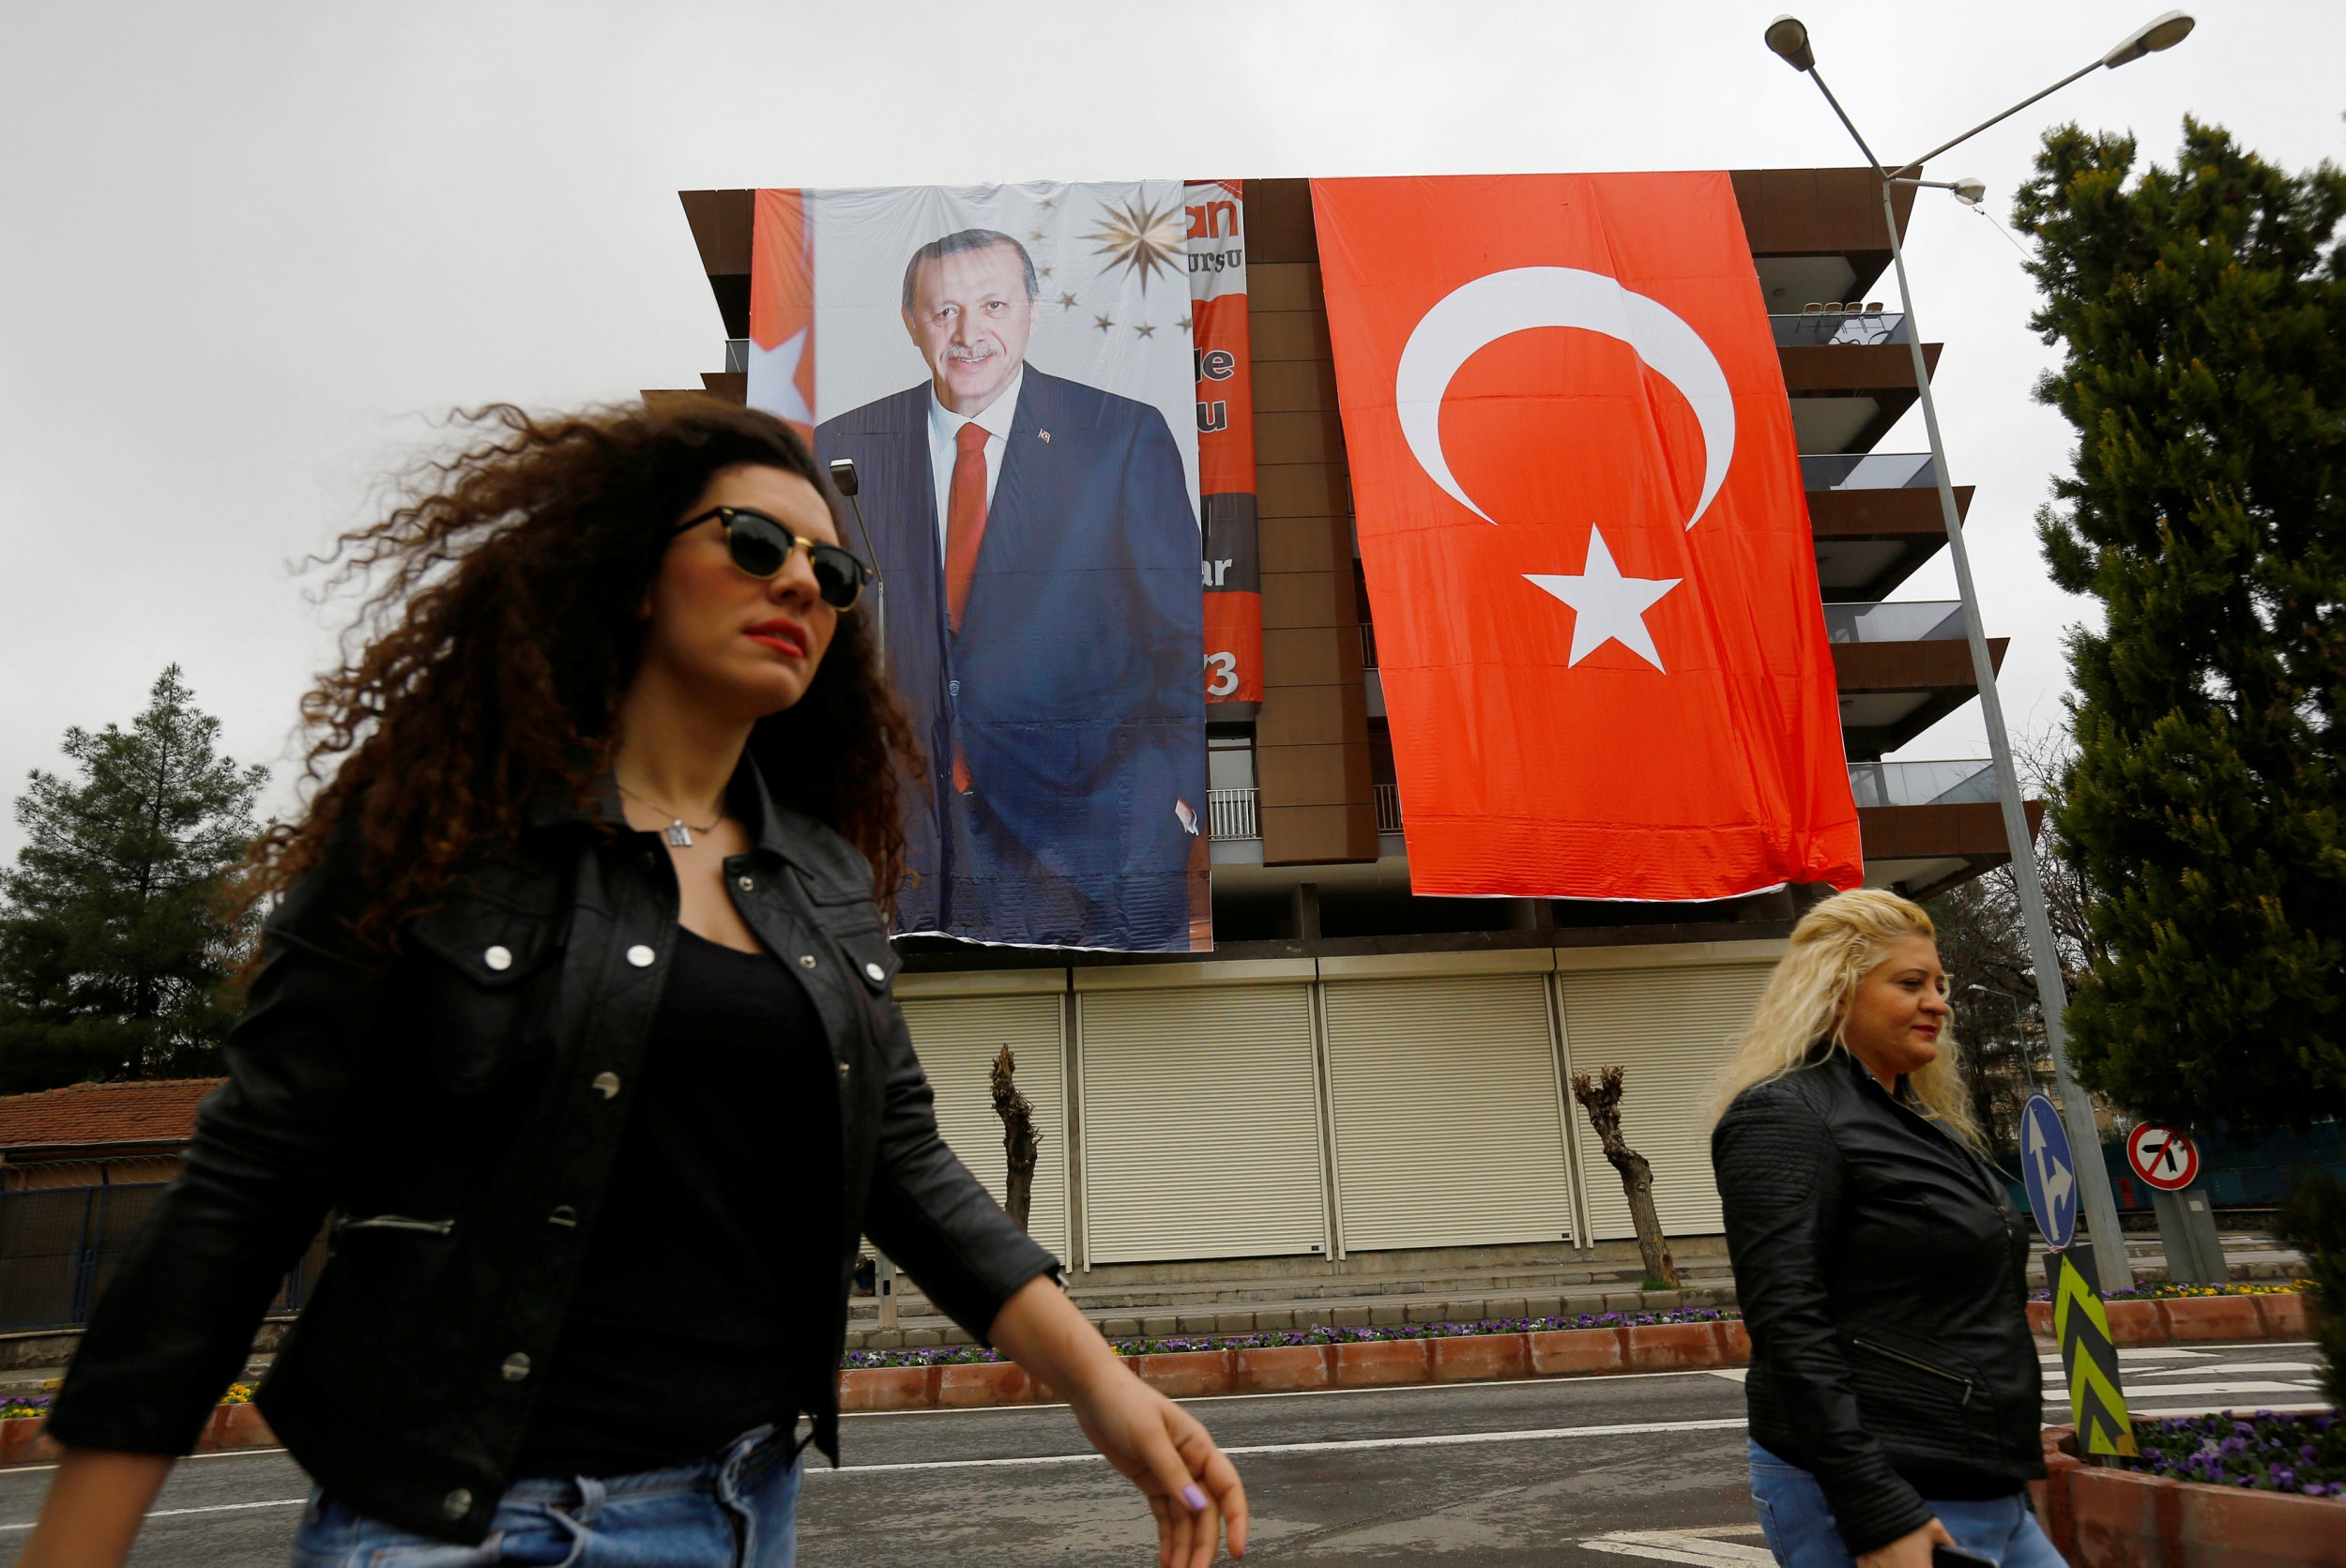 04_01_turkeykurds_01